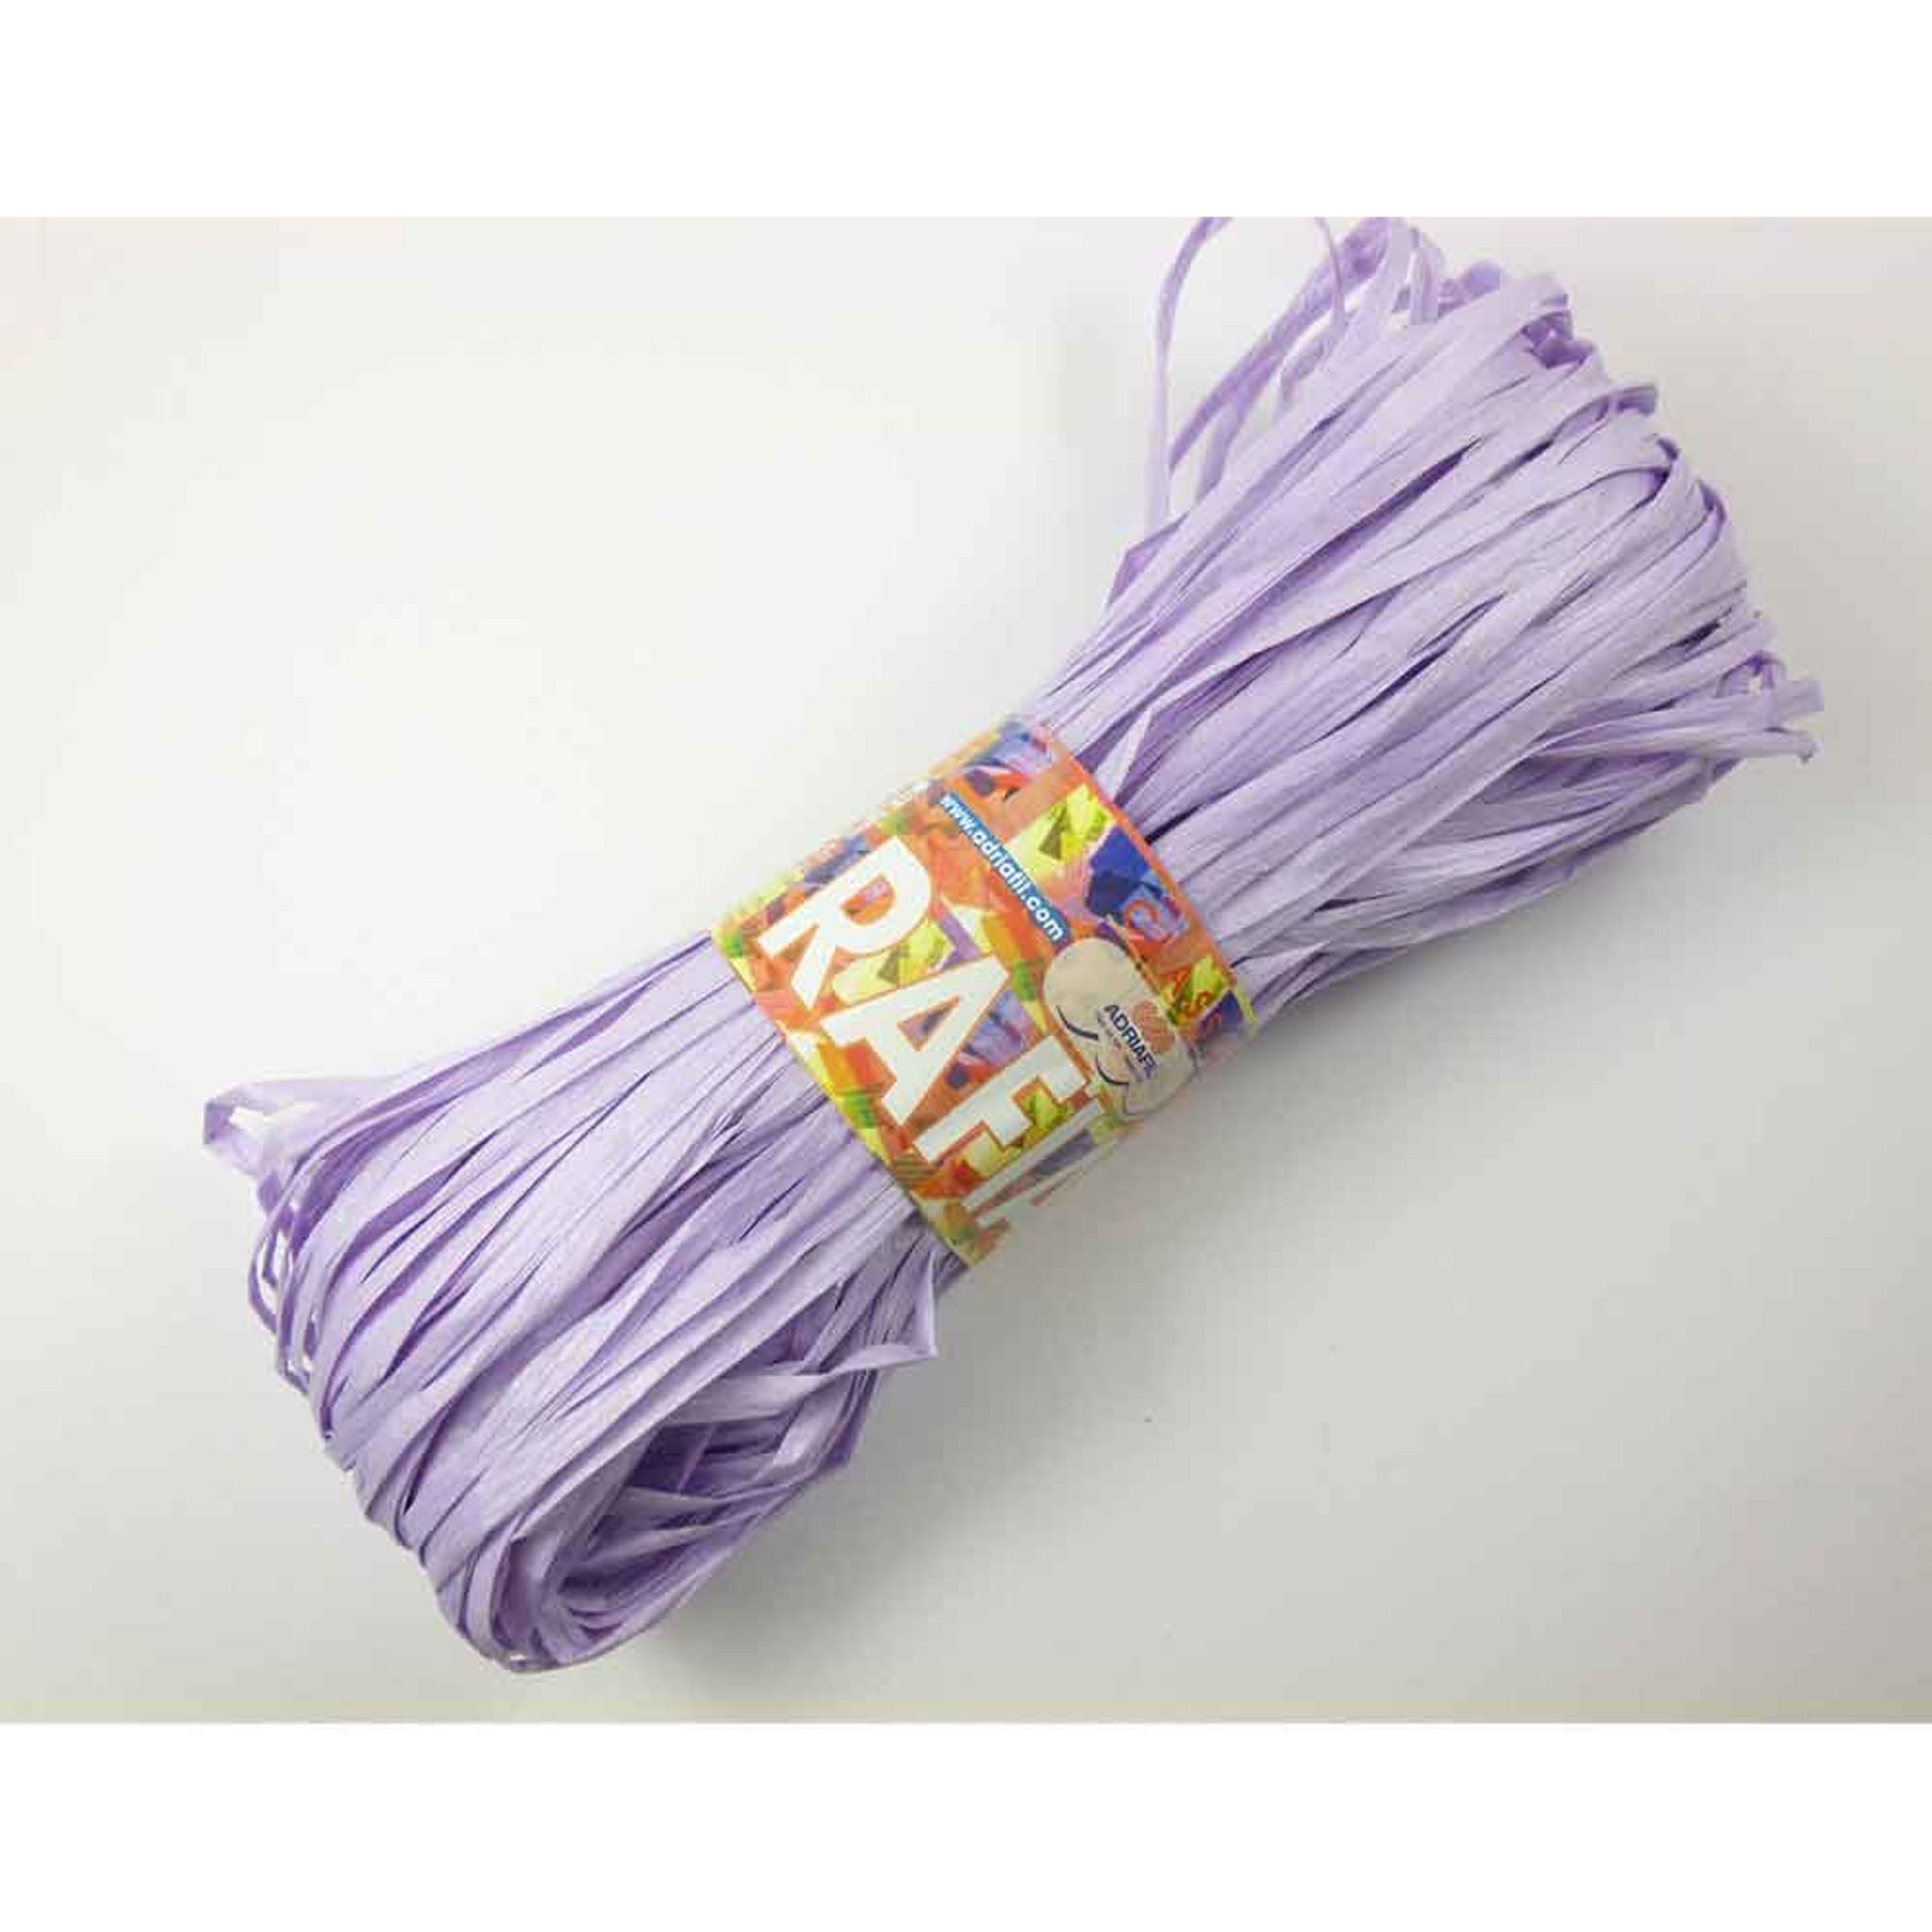 Adriafil Rafia 100/% Pulp Wood Knitting YarnRange of Shades